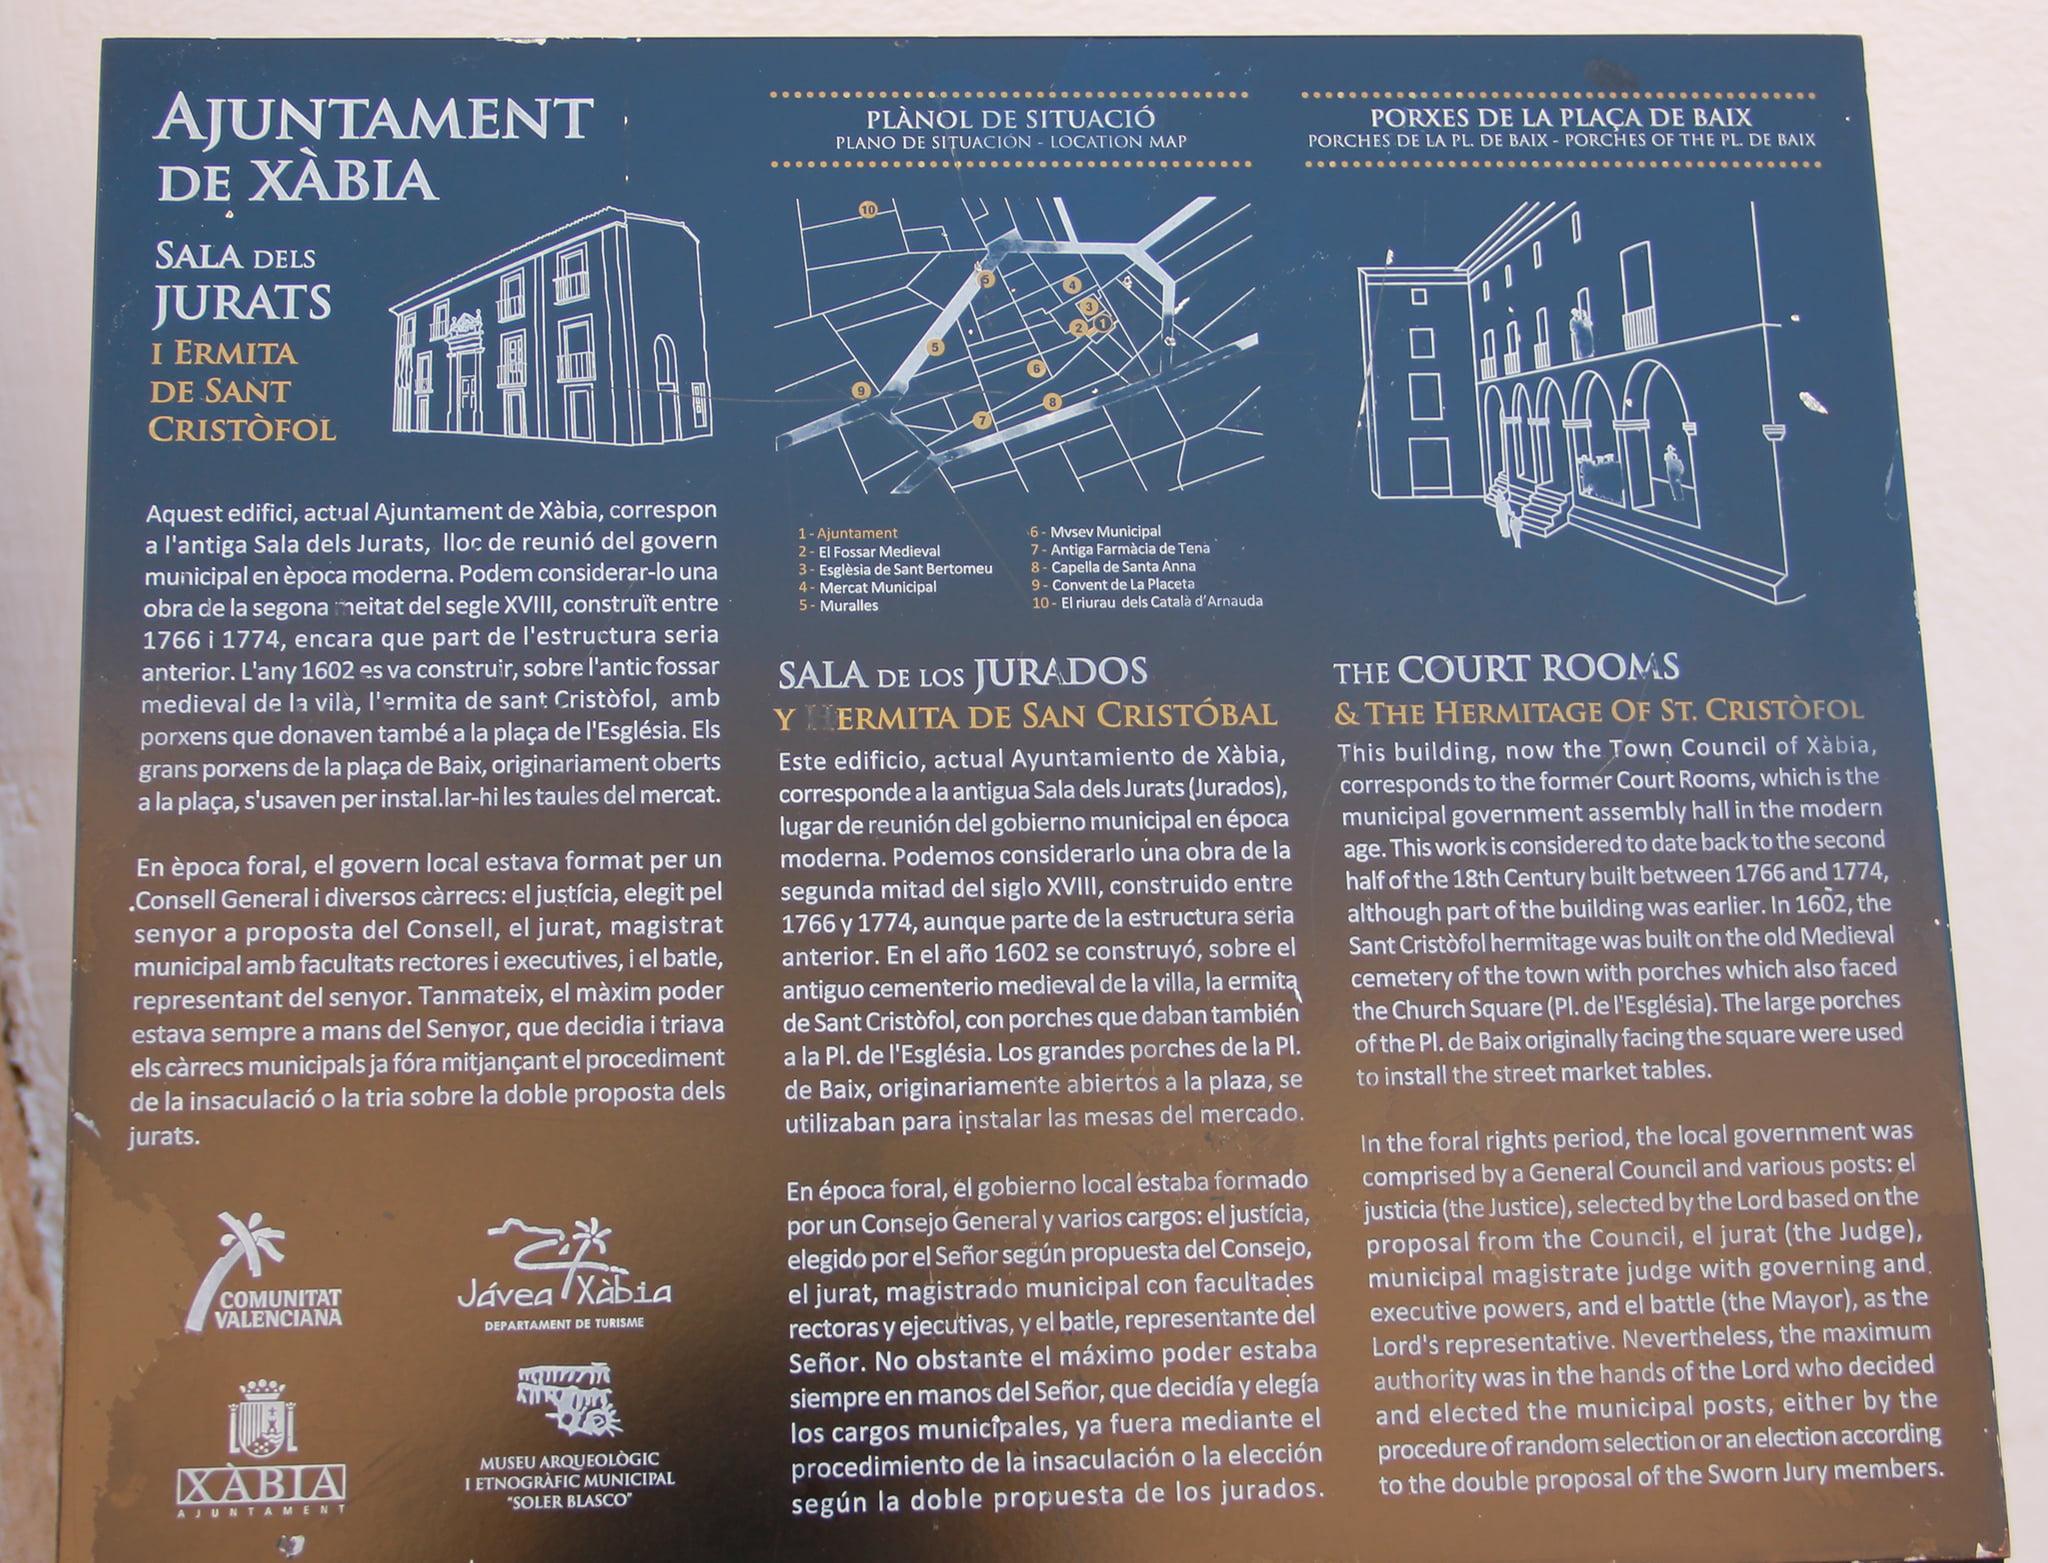 Placa de la historia del edificio del Ayuntamiento